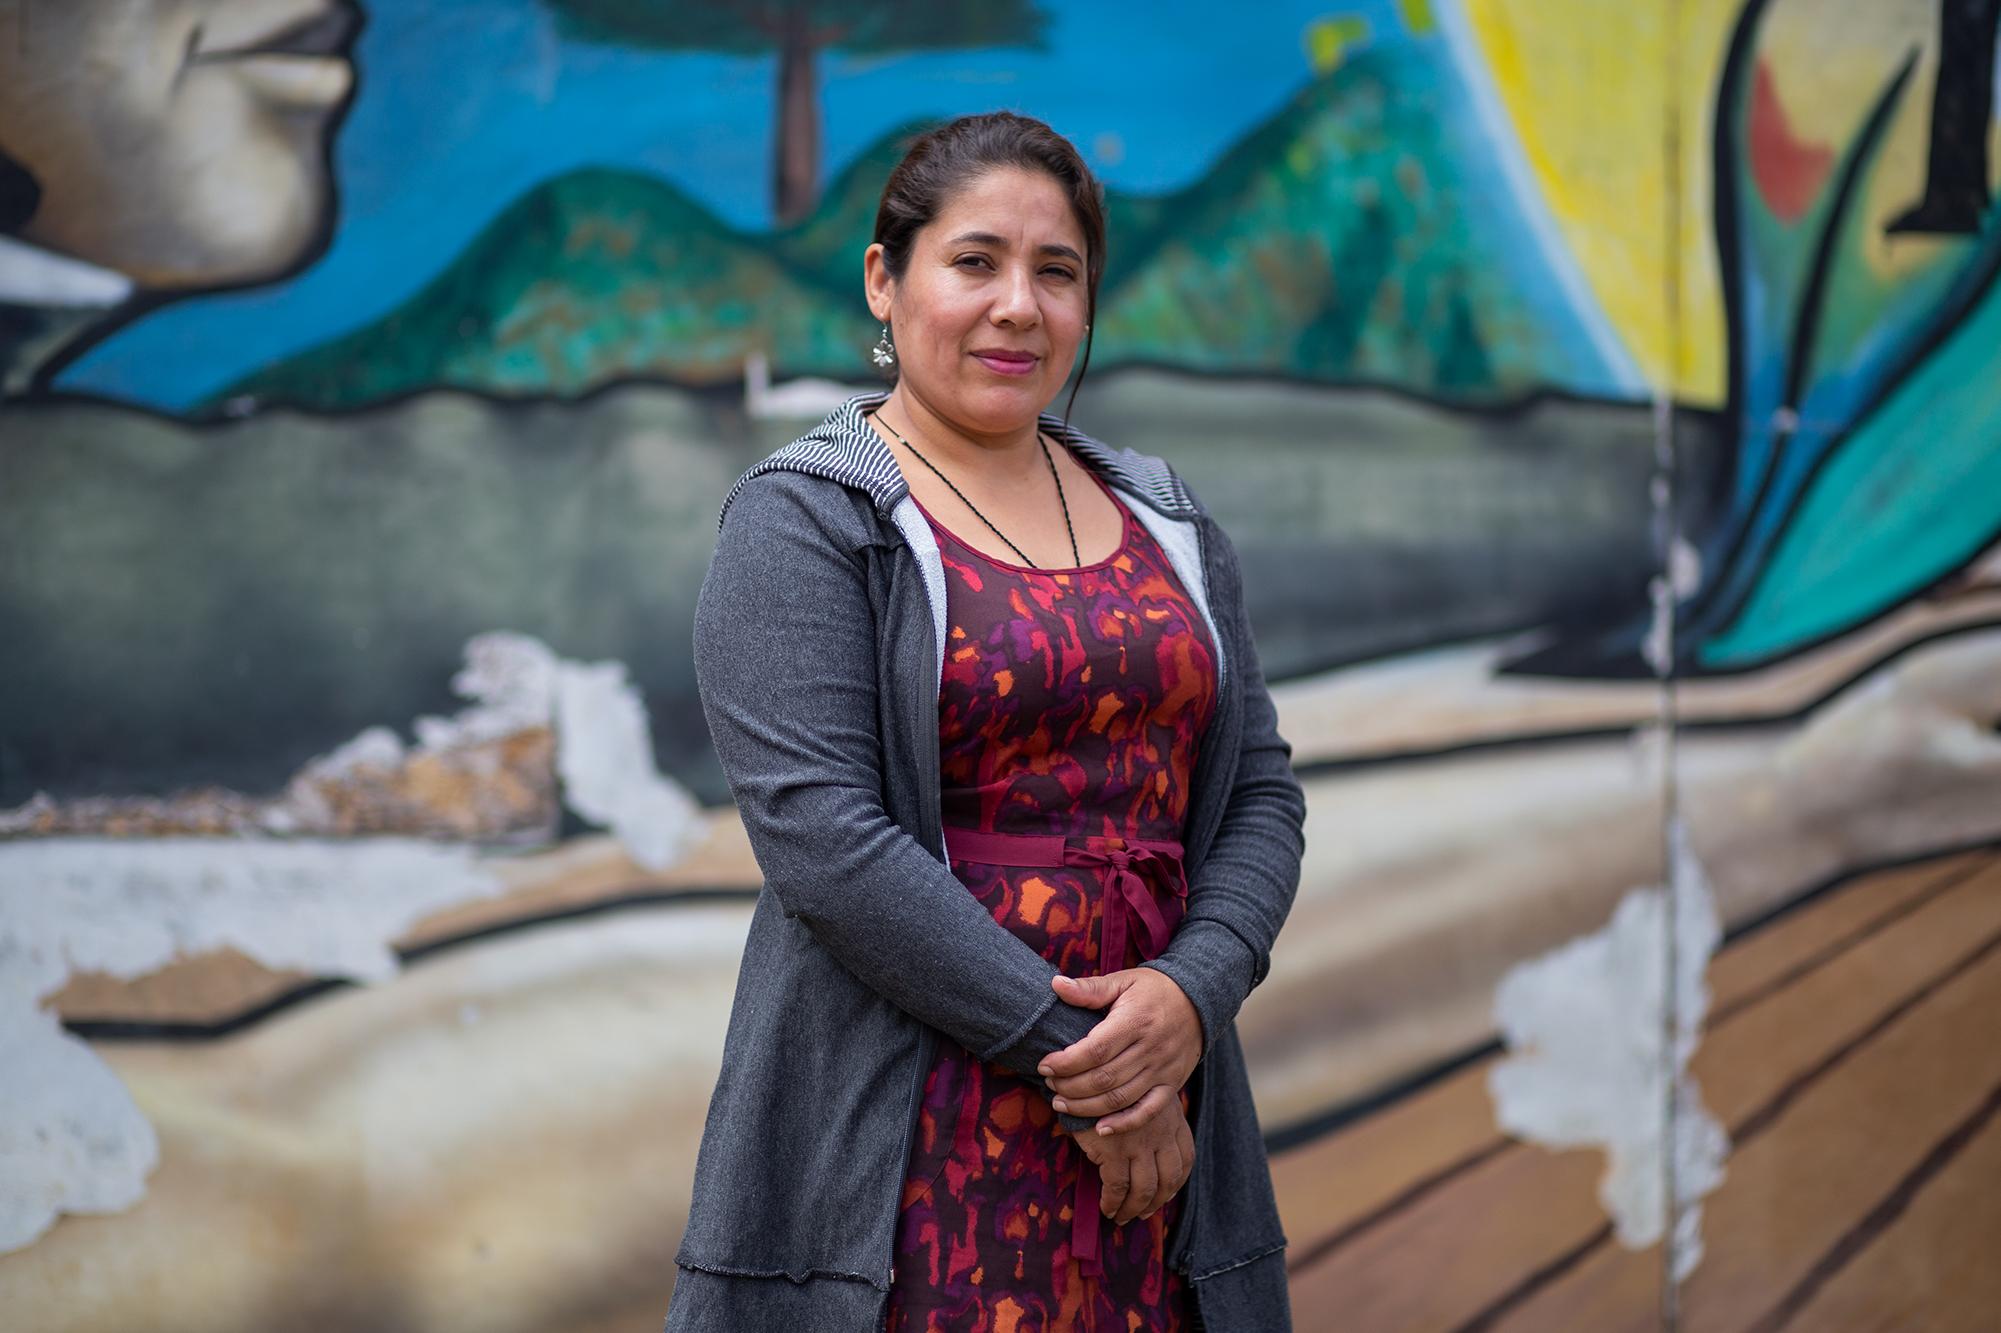 Dalila Aguilar, retratada en las oficinas de la Central Nacional de Trabajadores del Campo en el departamento de La Paz, organización para la que Dalila coordina un proyecto de apoyo para las mujeres campesinas del departamento. San José, La Paz, 22 de octubre de 2020. Foto: Martín Cálix.